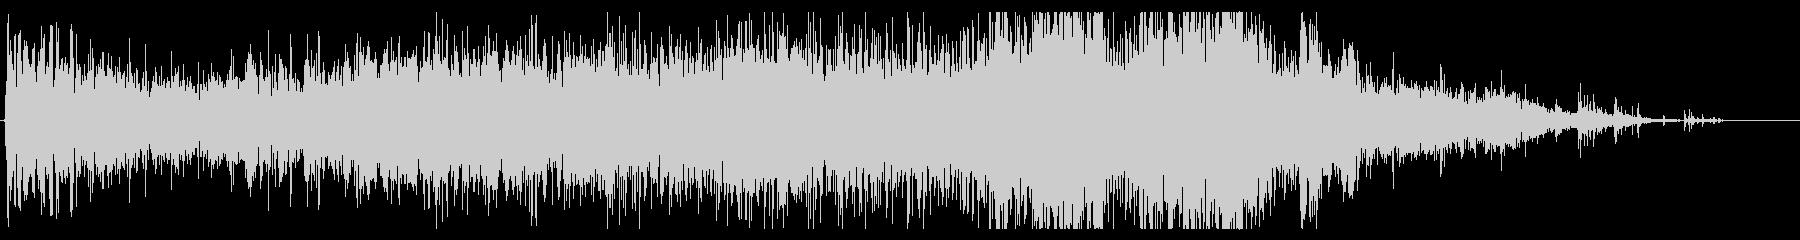 ゴーストスケルトンスペルのアニメートの未再生の波形